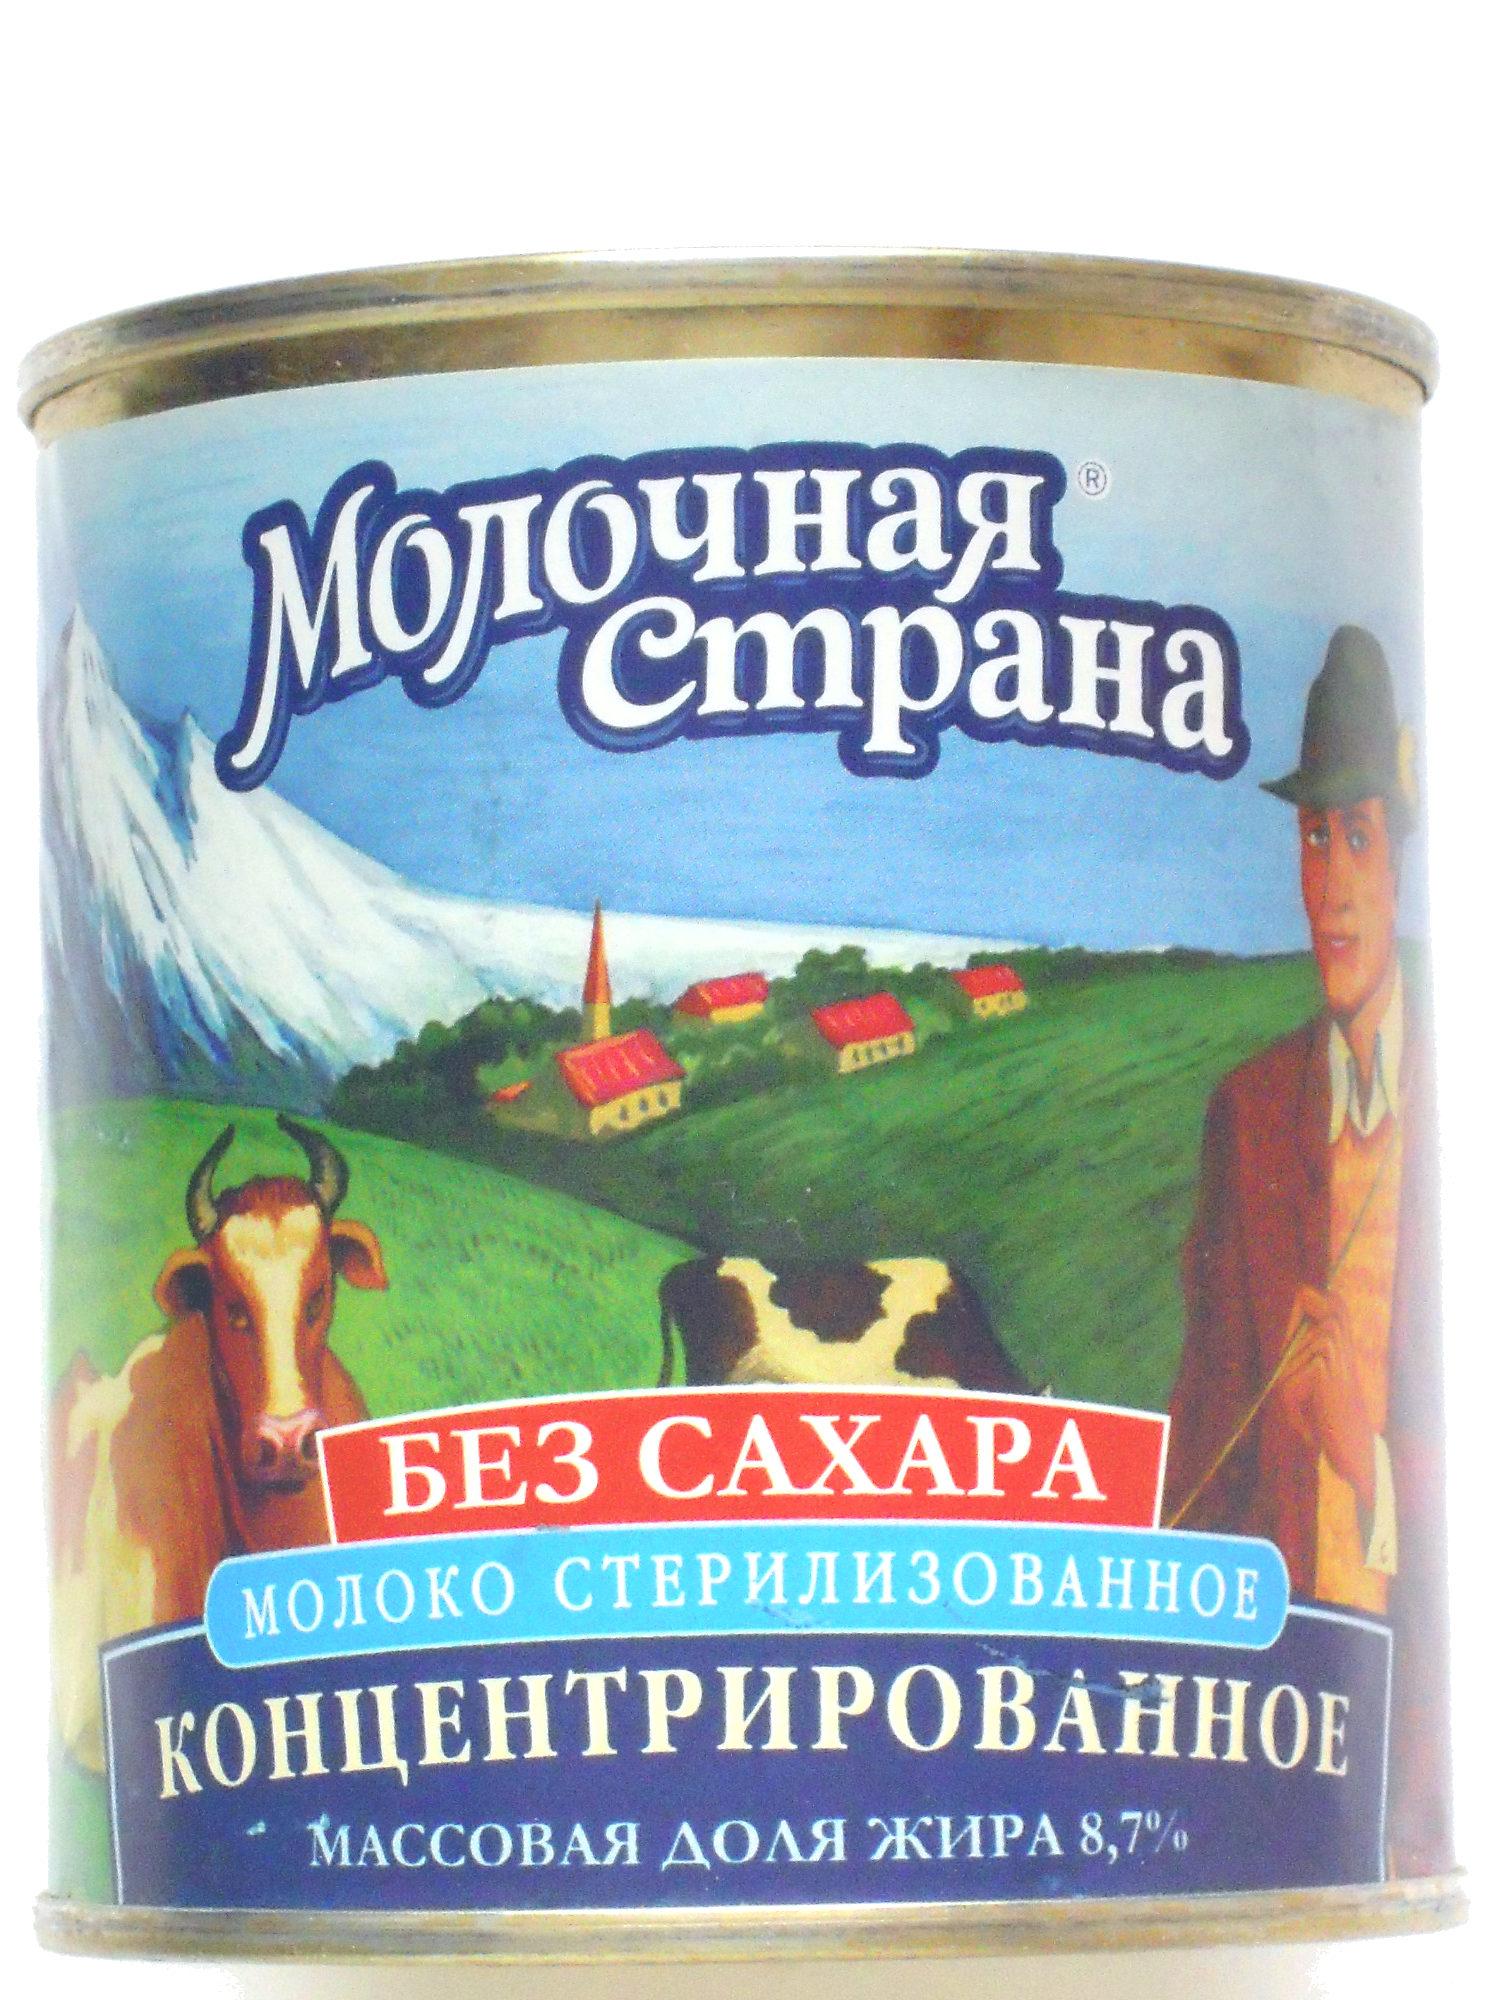 Молоко стерилизованное концентрированное без сахара, массовая доля жира 8,7% - Product - ru